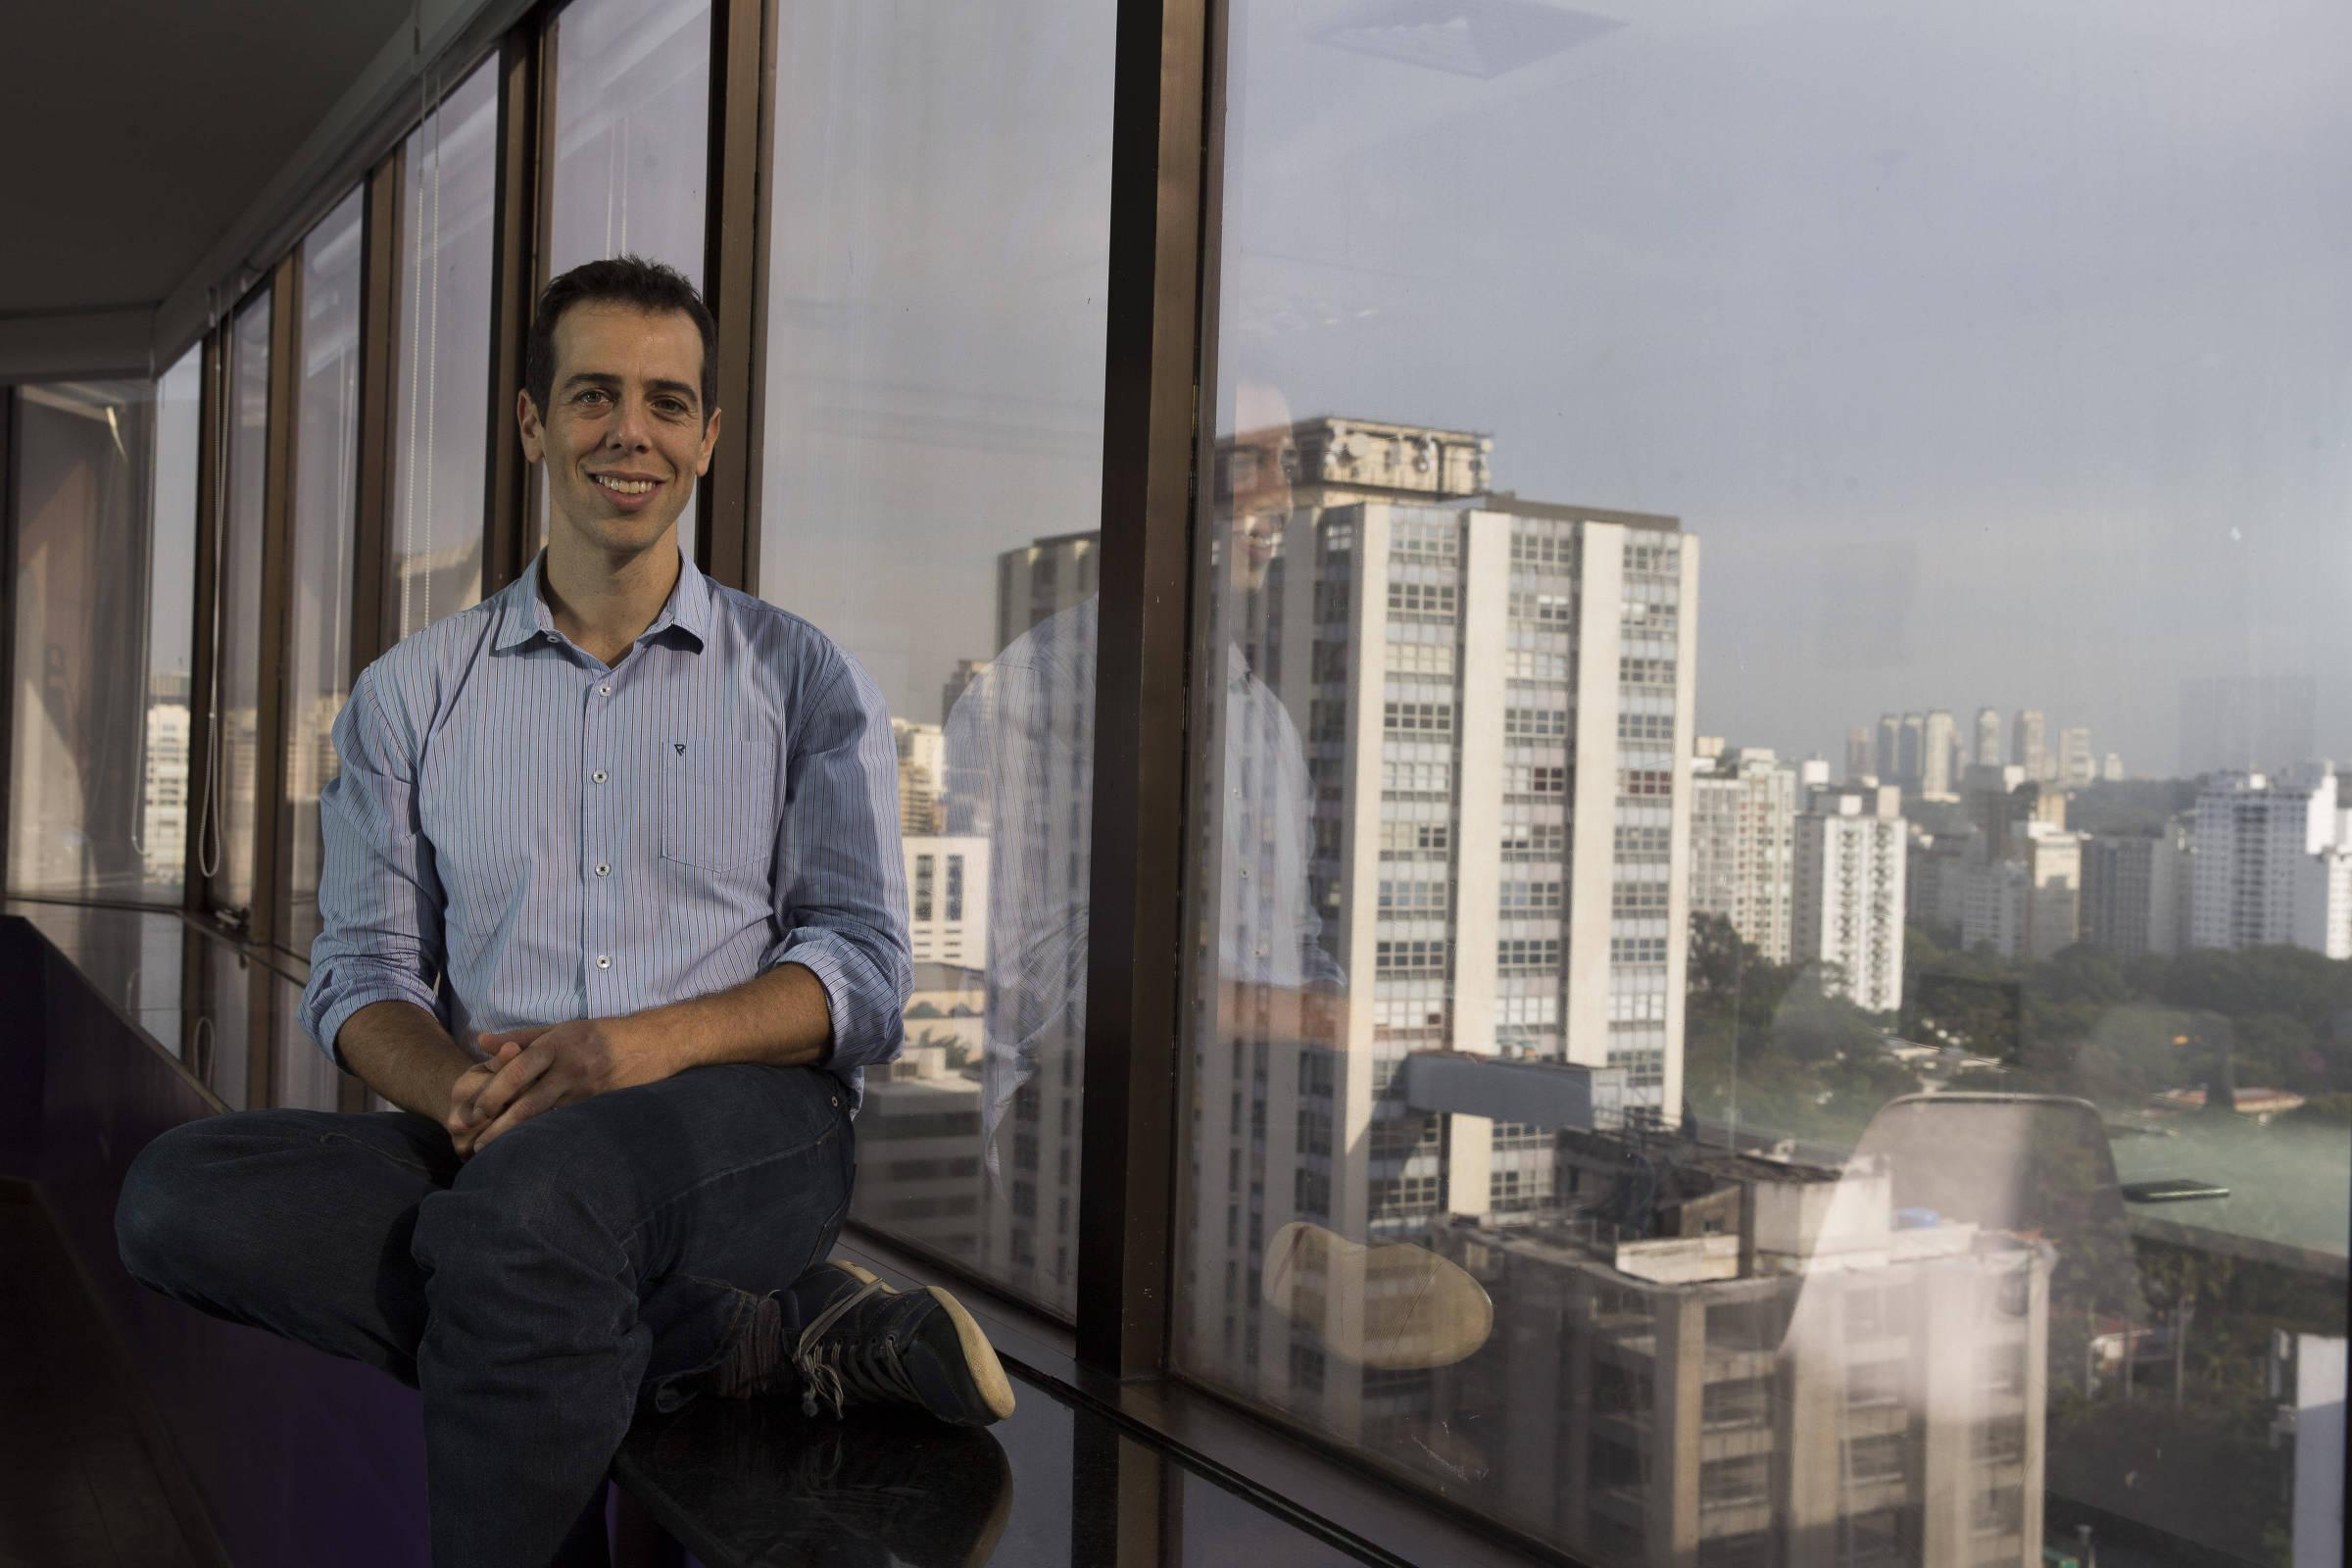 O Ministro da Educação do Paraná perde força e a disputa pelo MEC é mista - 24.06.2020. - Educação